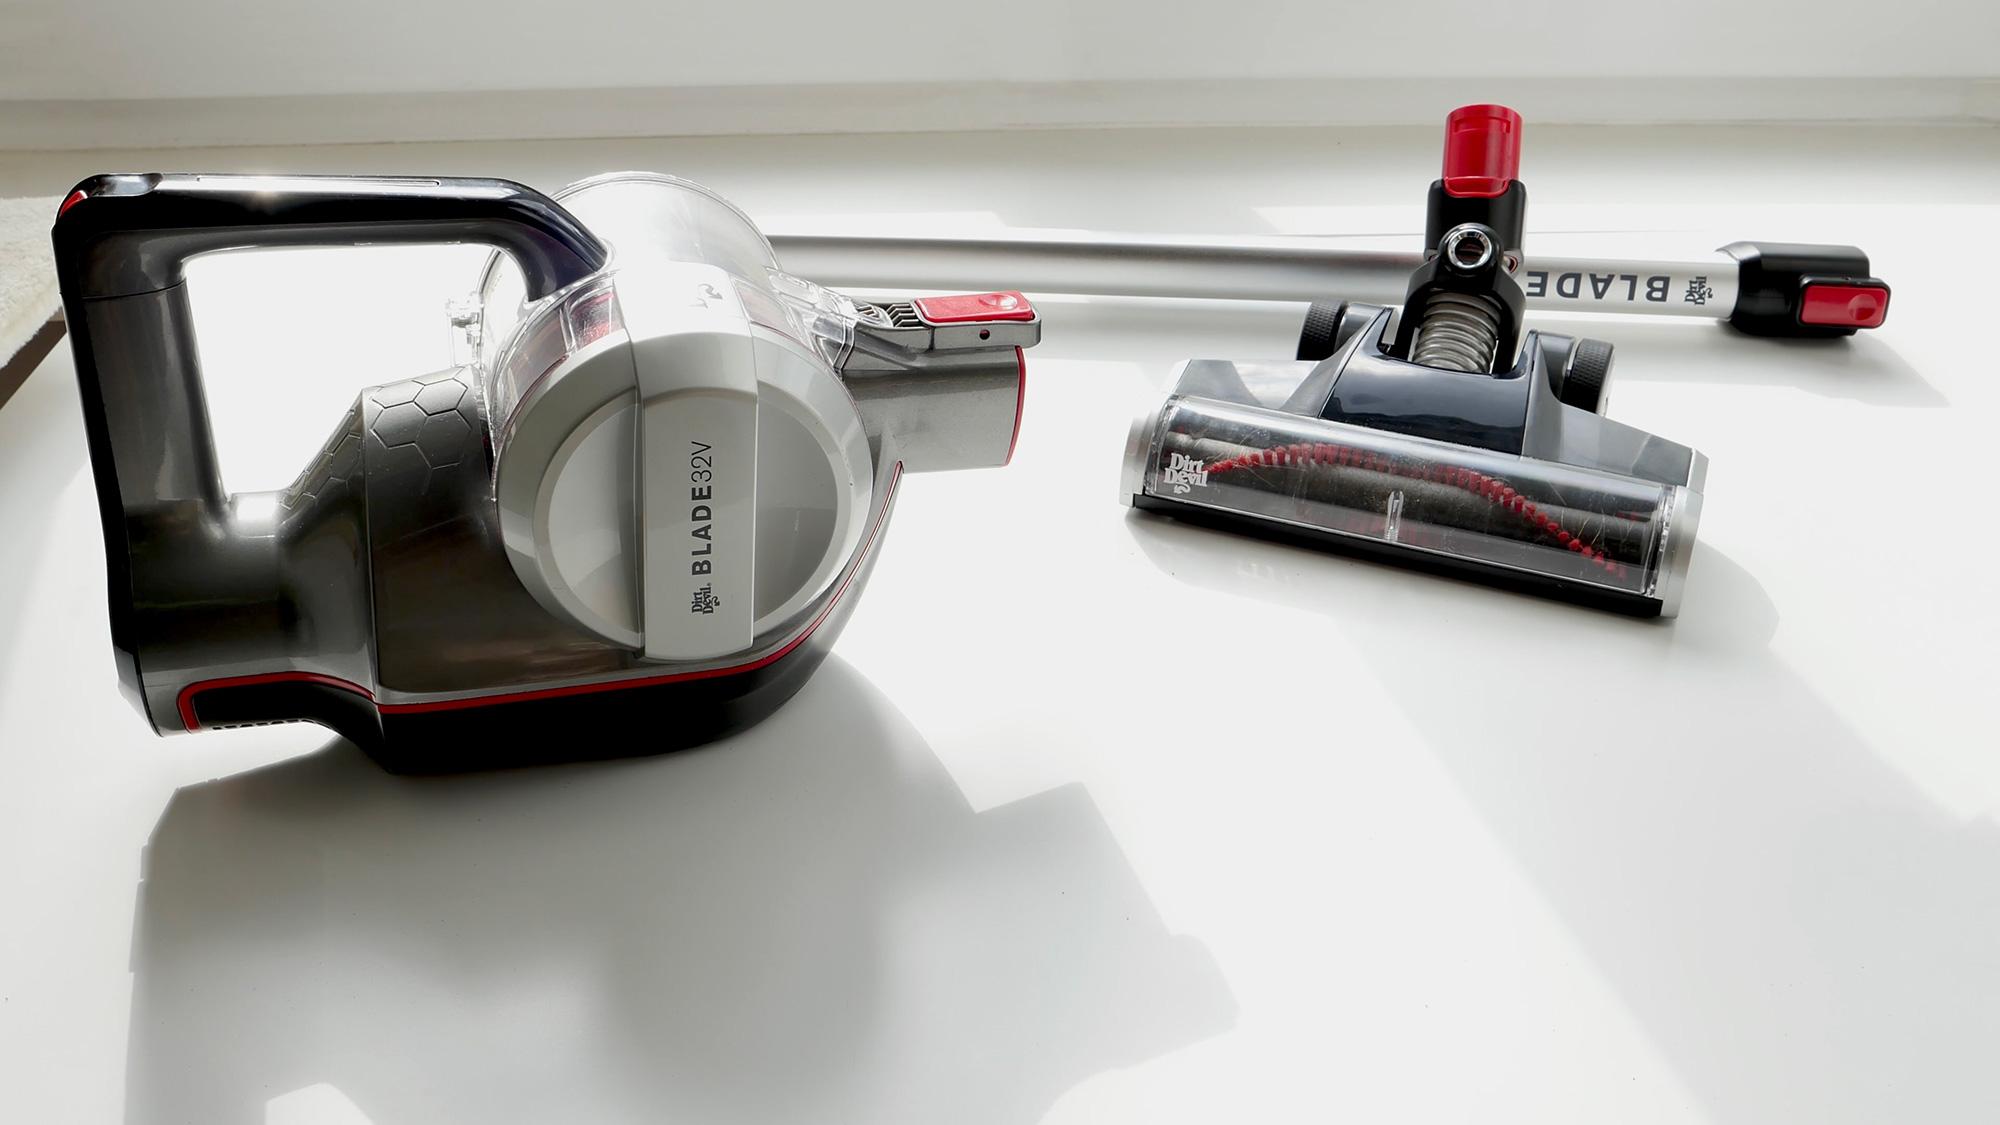 dirt devil staubsauger roboter test elegant dirt devil m. Black Bedroom Furniture Sets. Home Design Ideas